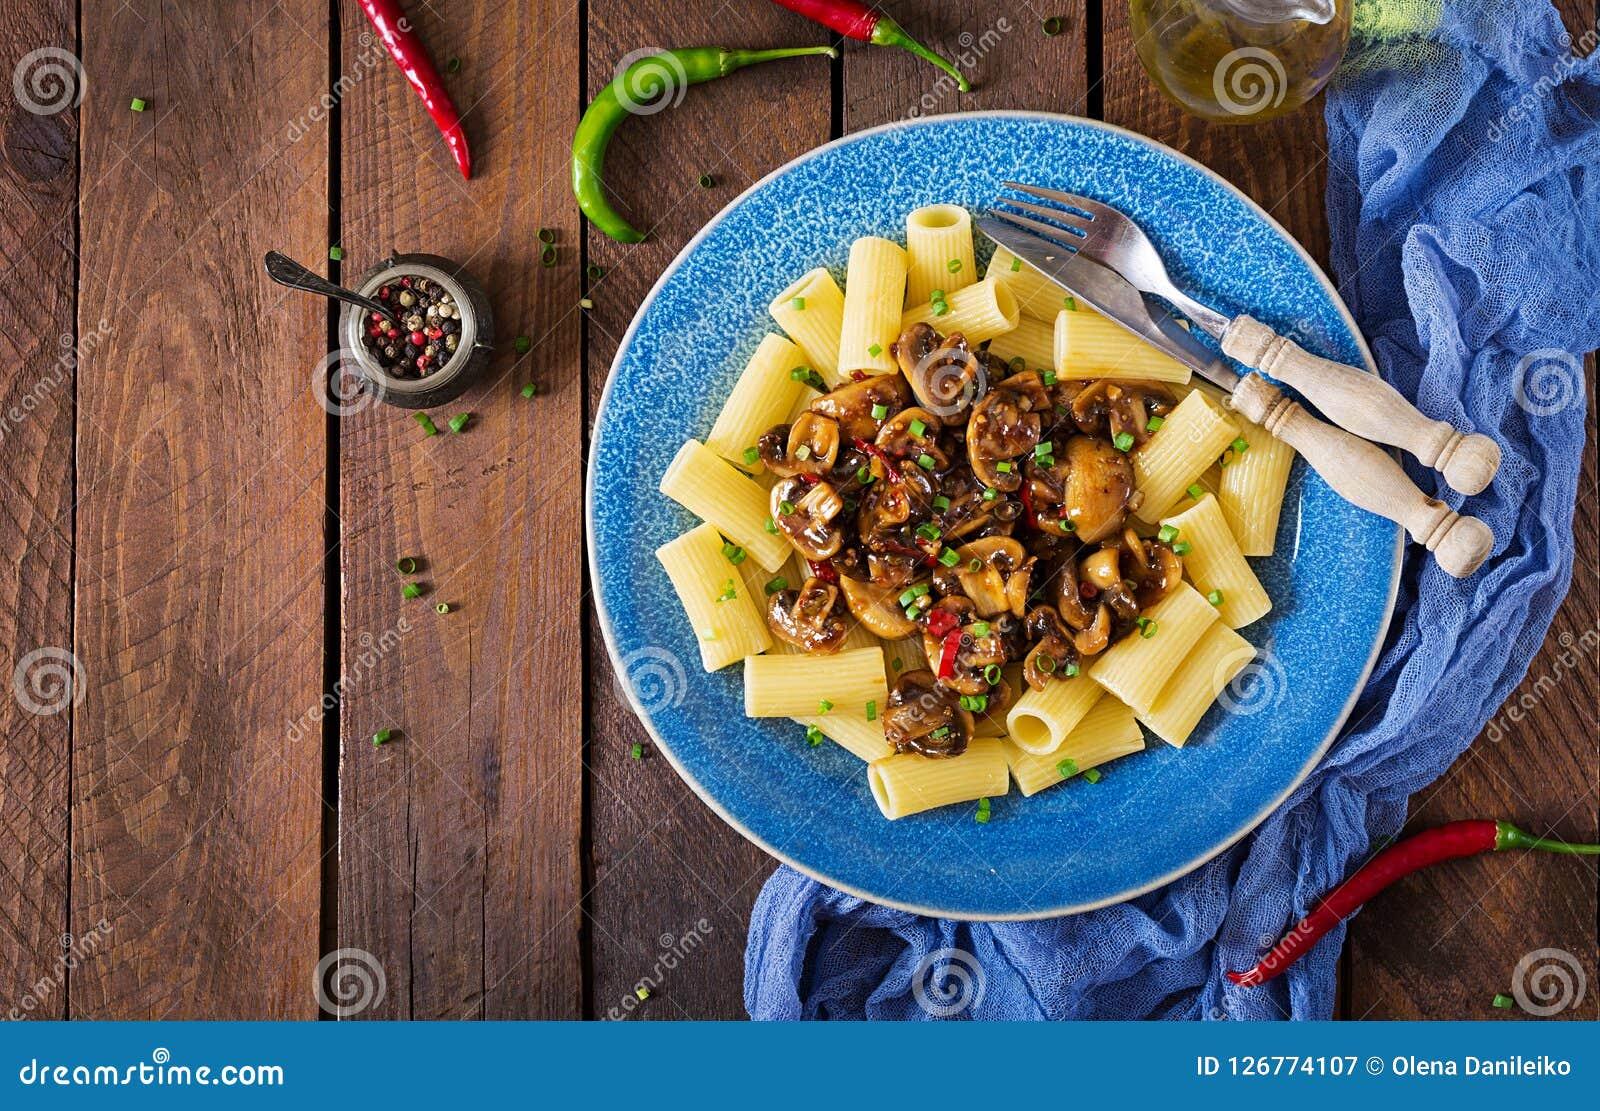 Jarski makaronu rigatoni z pieczarkami i chili pieprzami w błękitnym pucharze